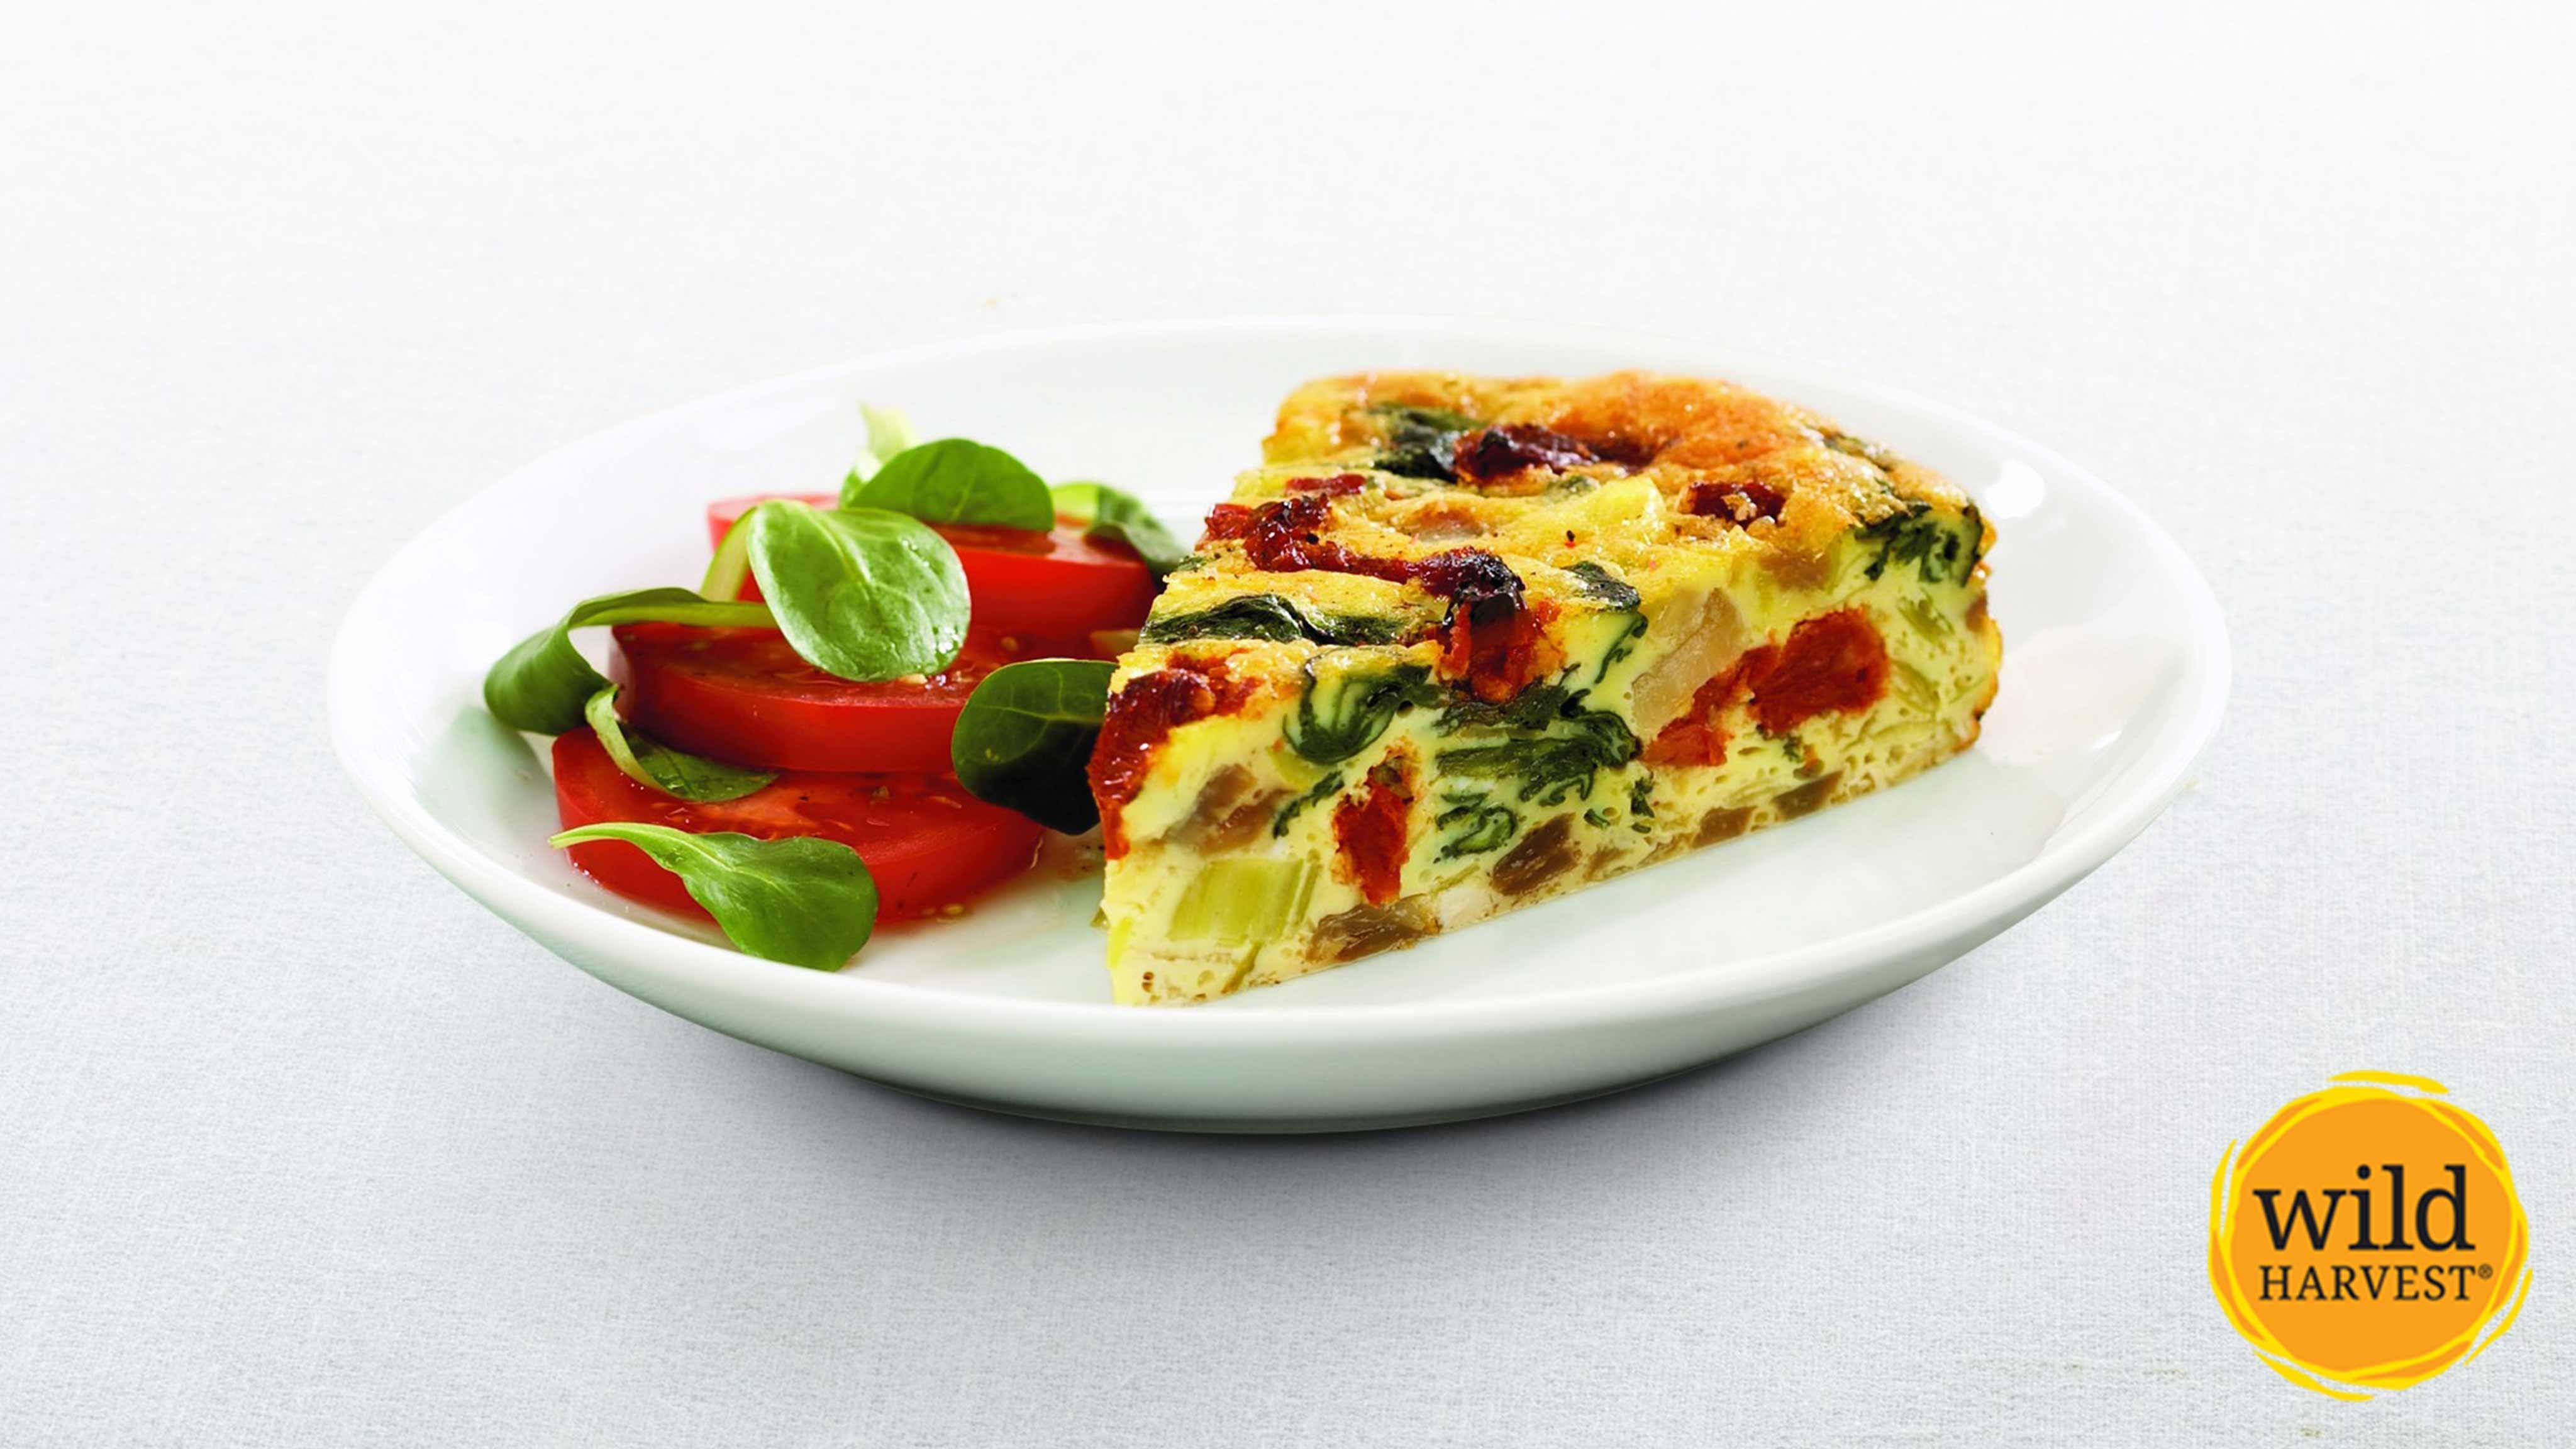 Image for Recipe Crustless Spinach and Sun-dried Tomato Quiche